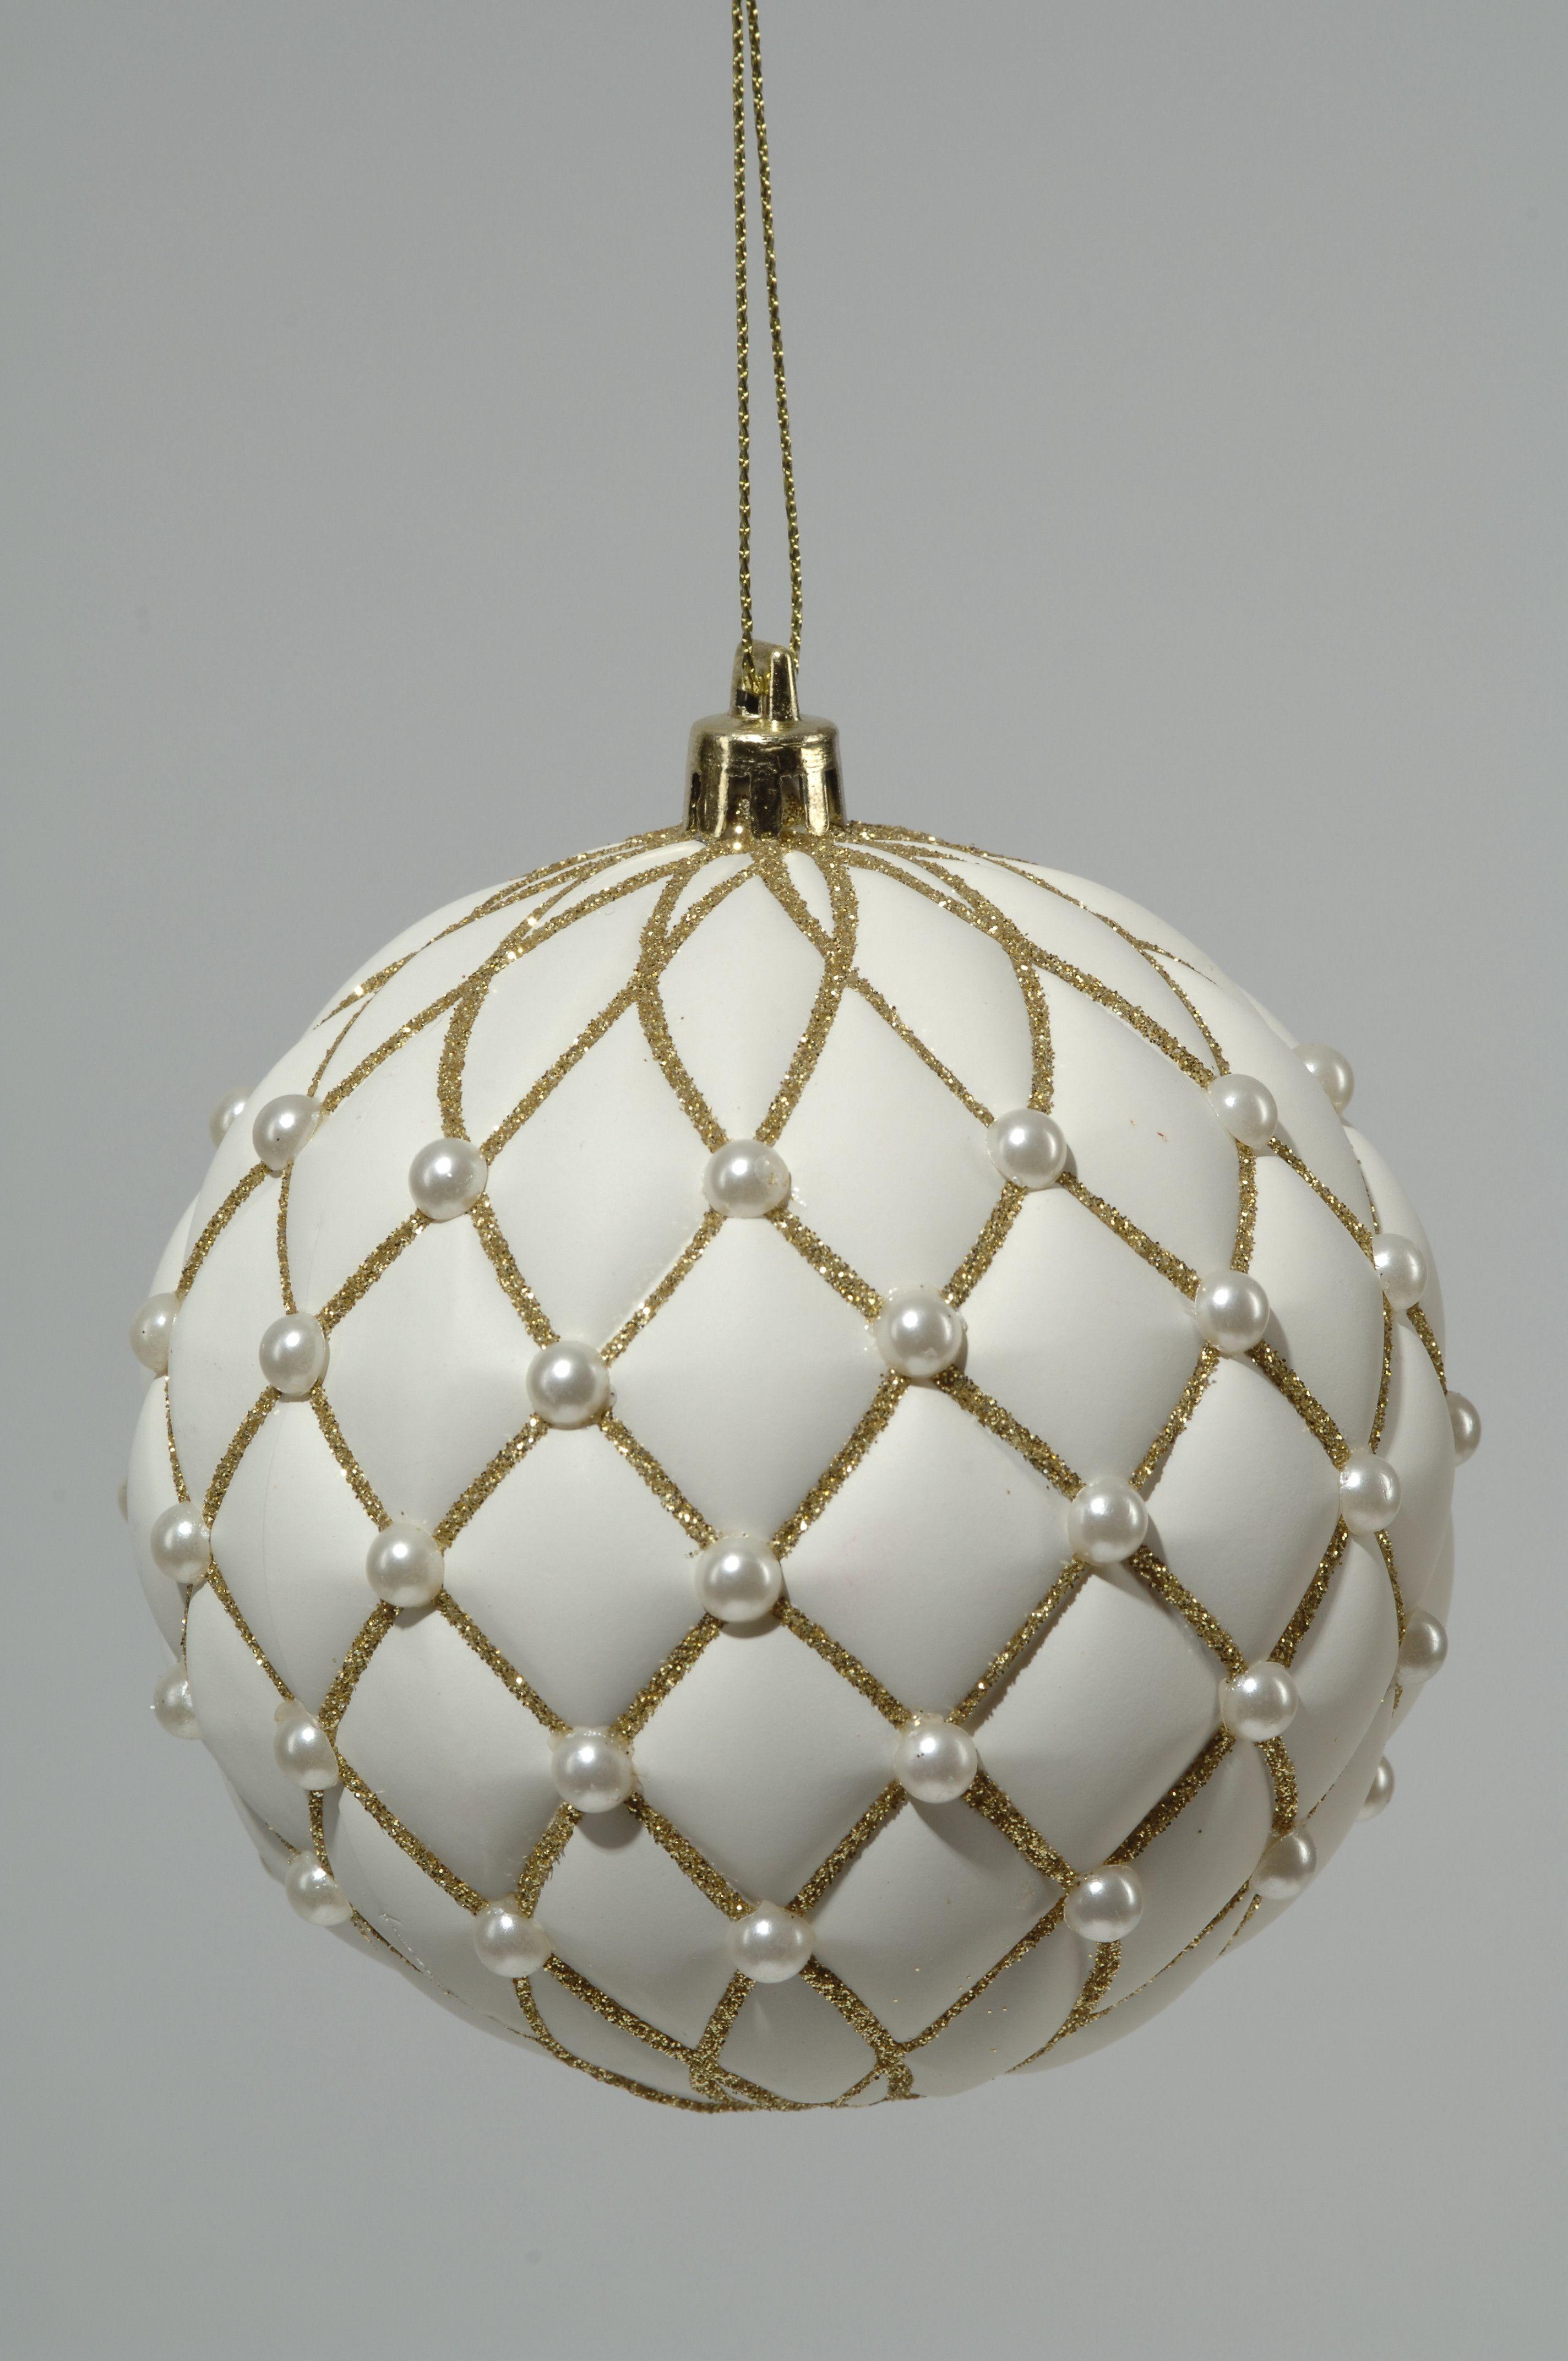 2 Stück Kugeln Mit Perlen Weiß Mit Gold Weihnachtskugeln Baumschmuck In  Möbel U0026 Wohnen, Feste U0026 Besondere Anlässe, Jahreszeitliche Dekoration